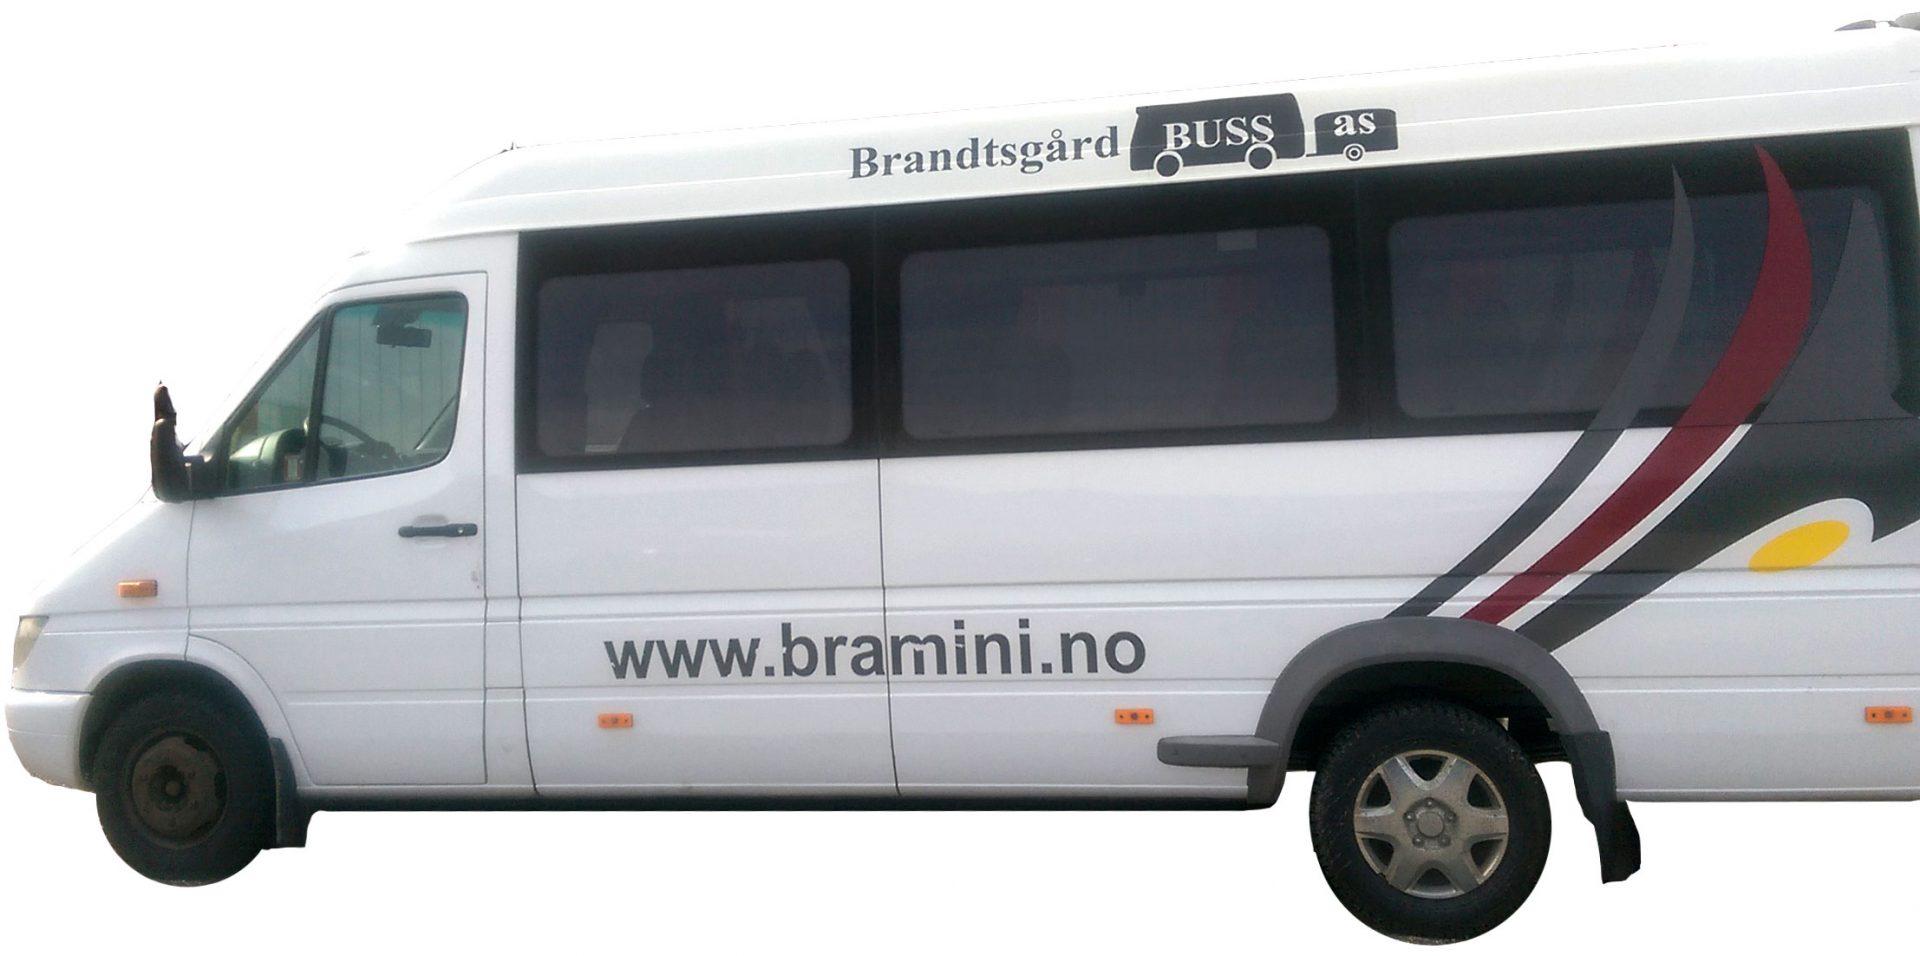 minbuss fra brandtsgård buss